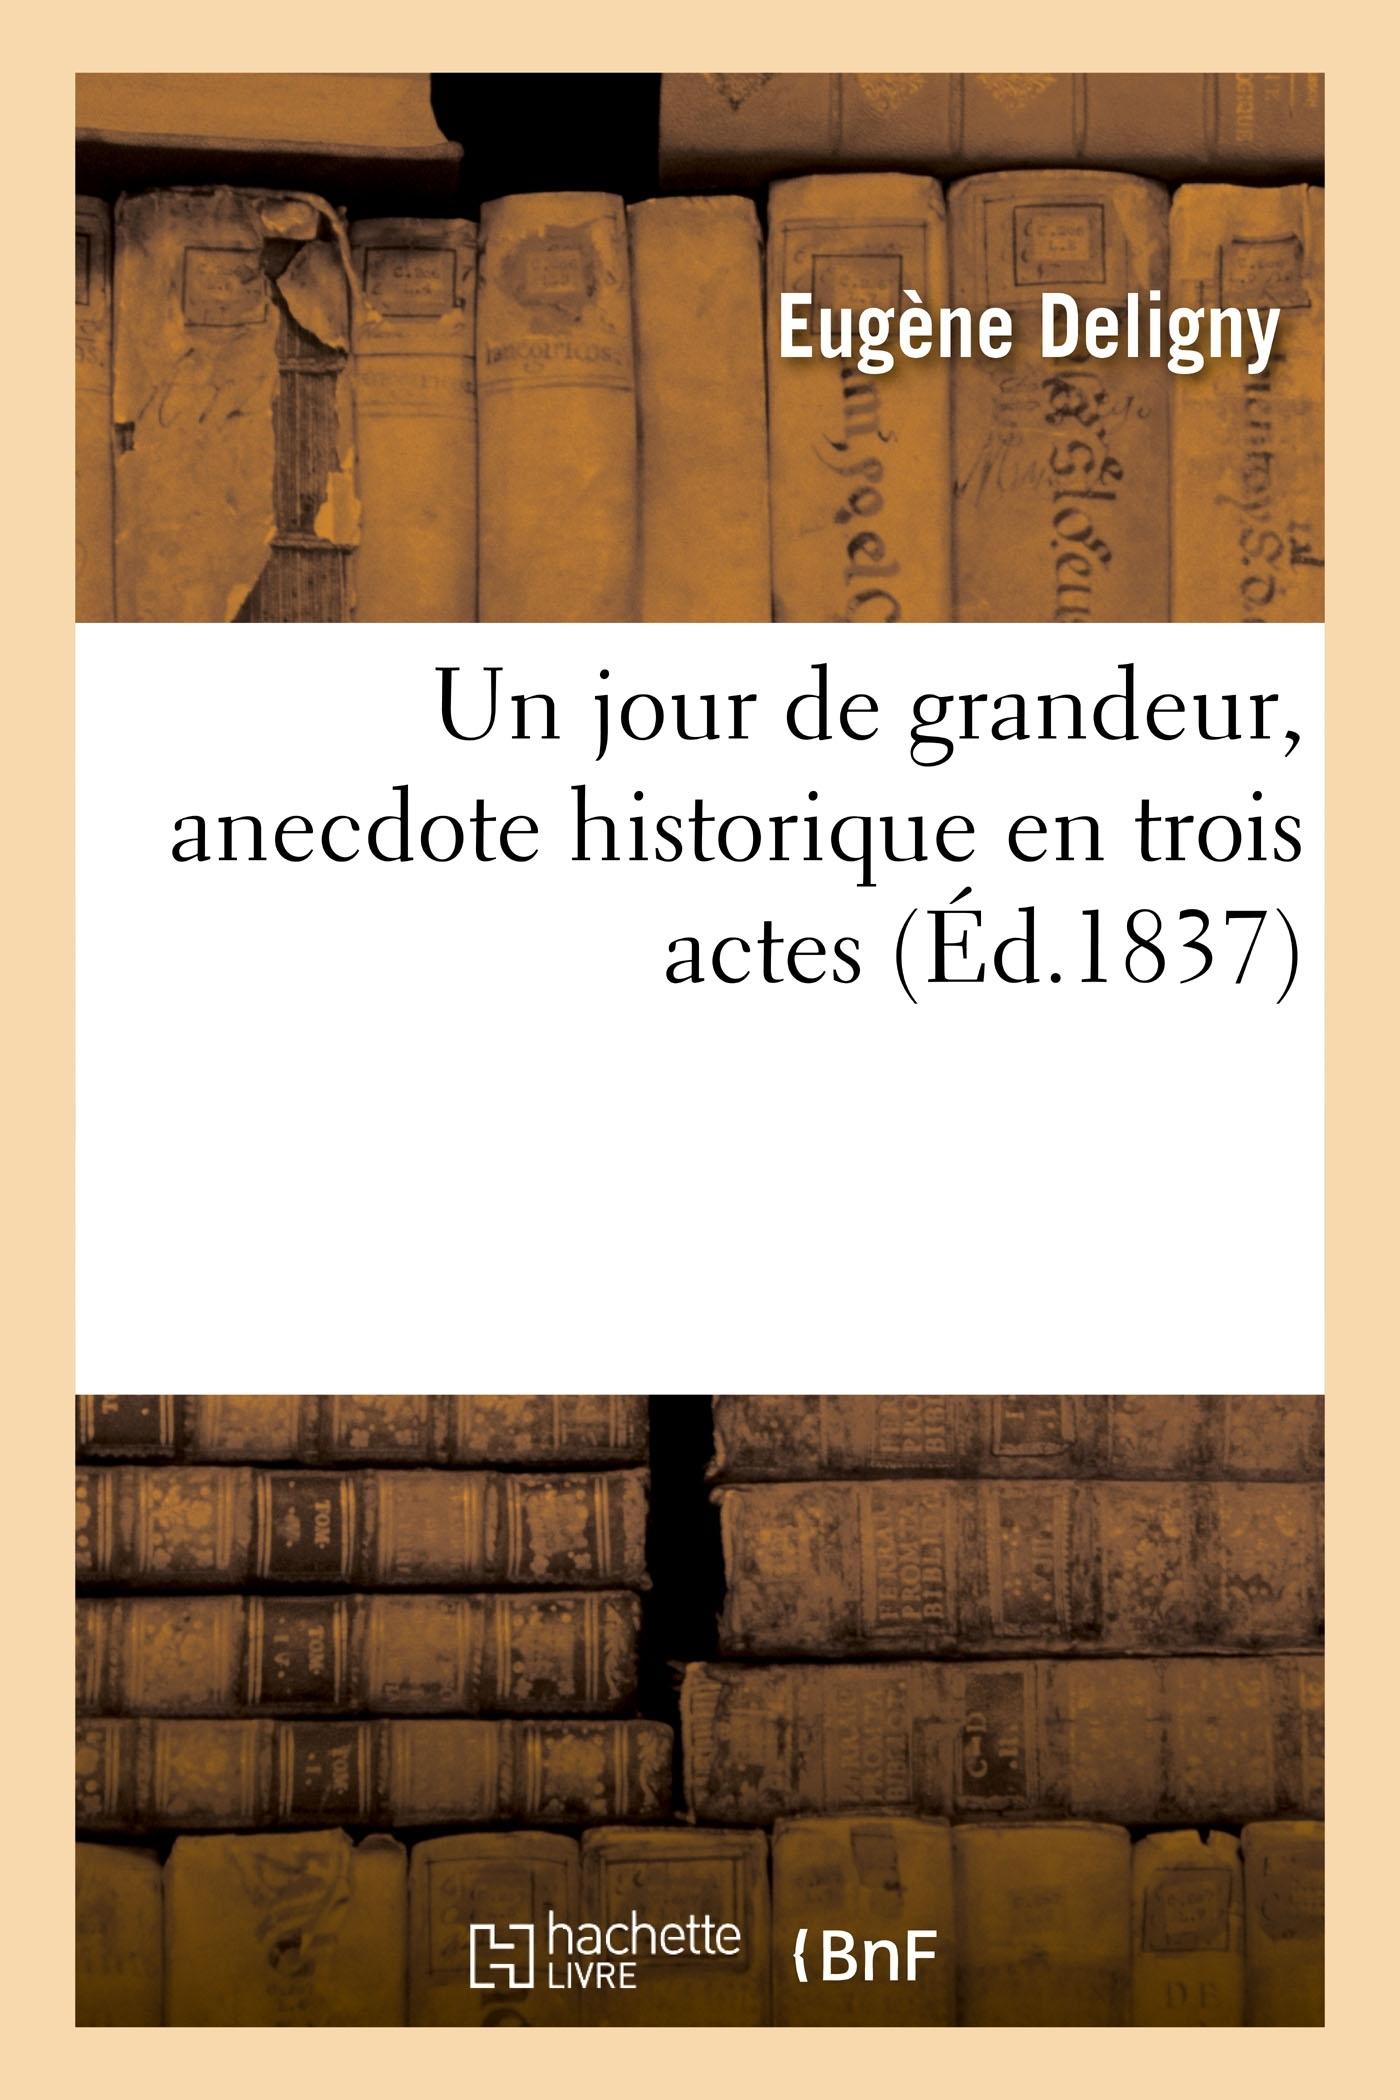 UN JOUR DE GRANDEUR, ANECDOTE HISTORIQUE EN TROIS ACTES